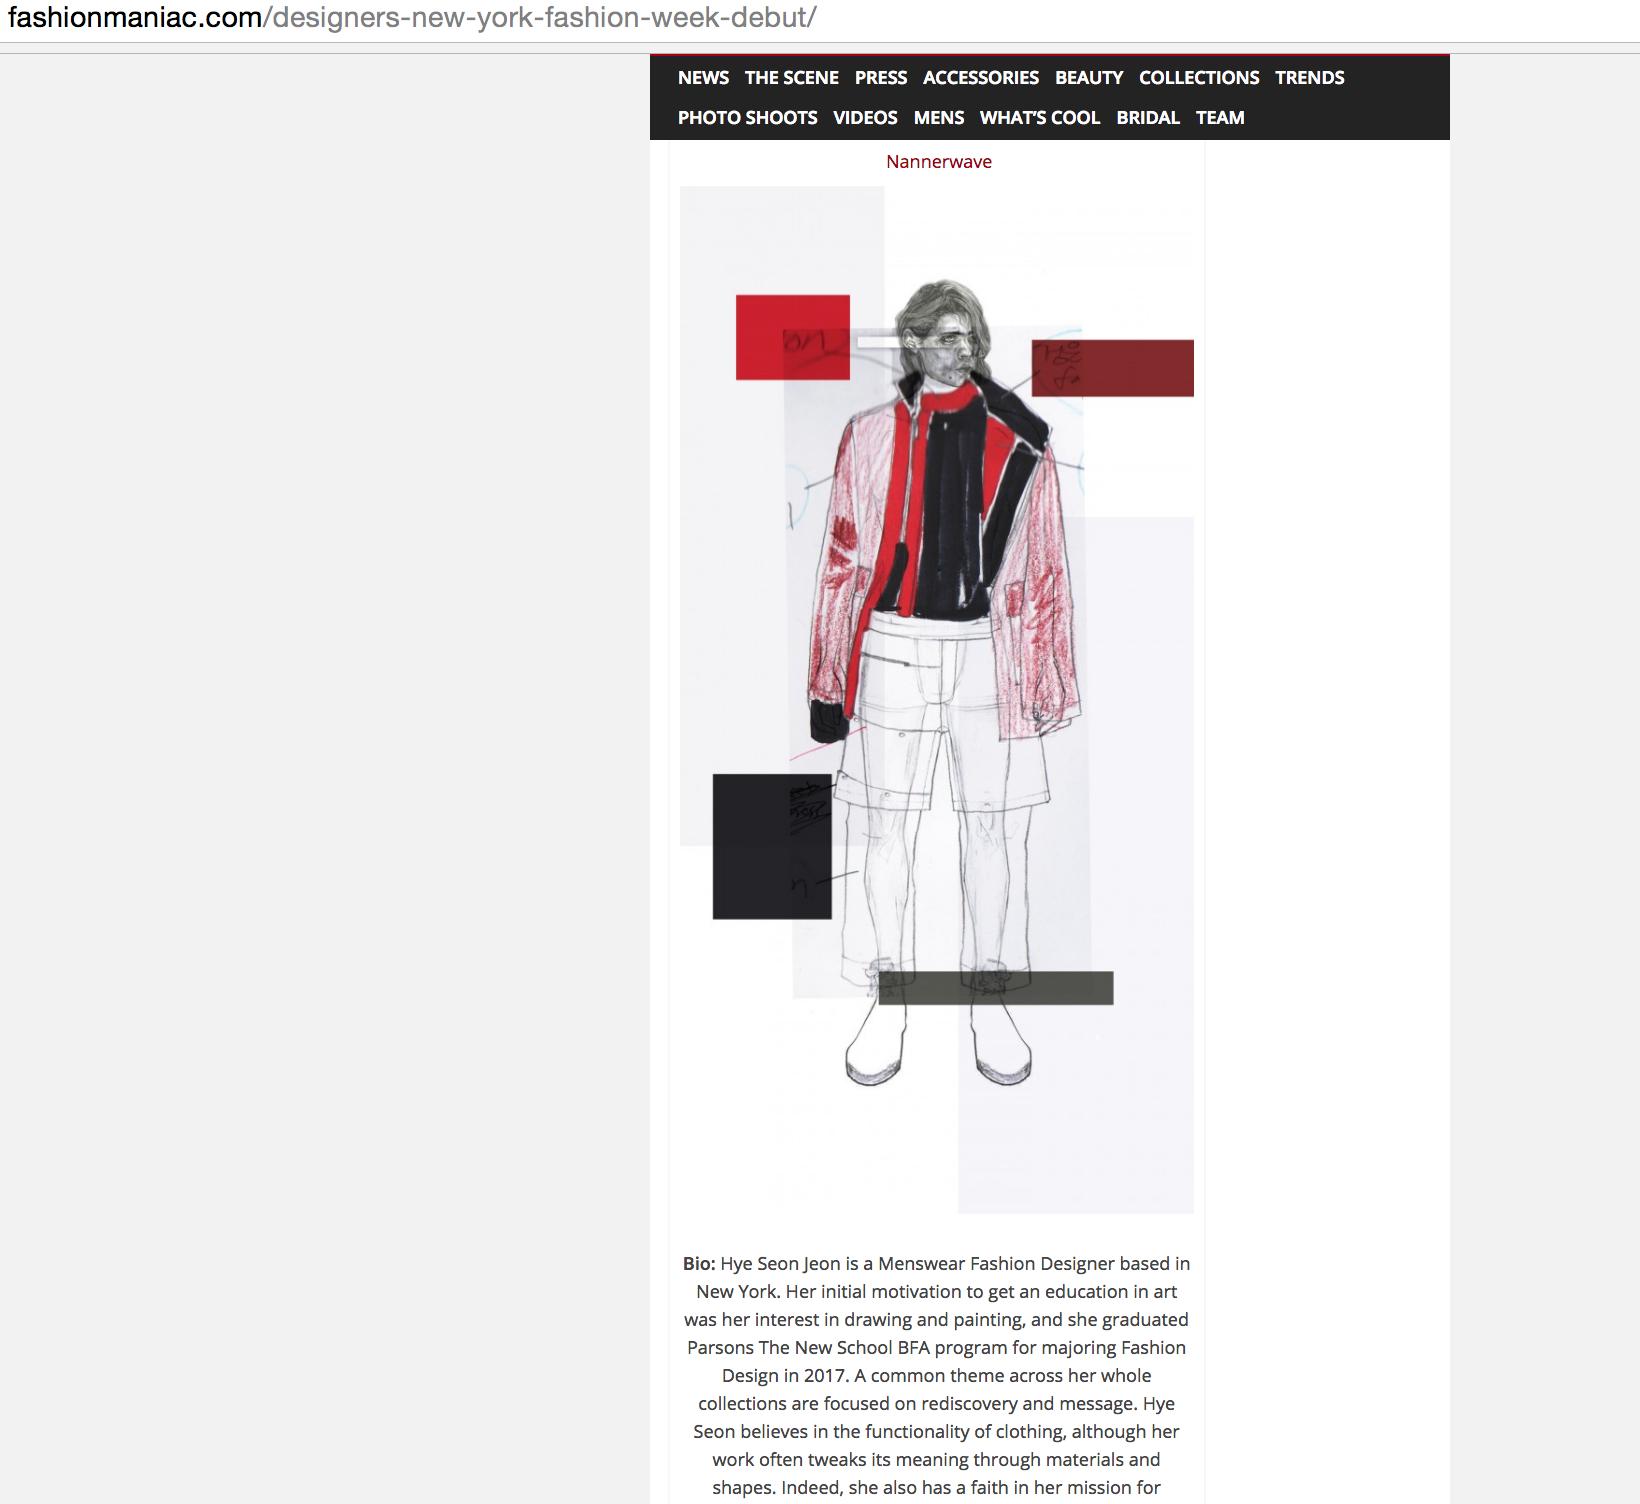 fashionmaniac - http://fashionmaniac.com/designers-new-york-fashion-week-debut/